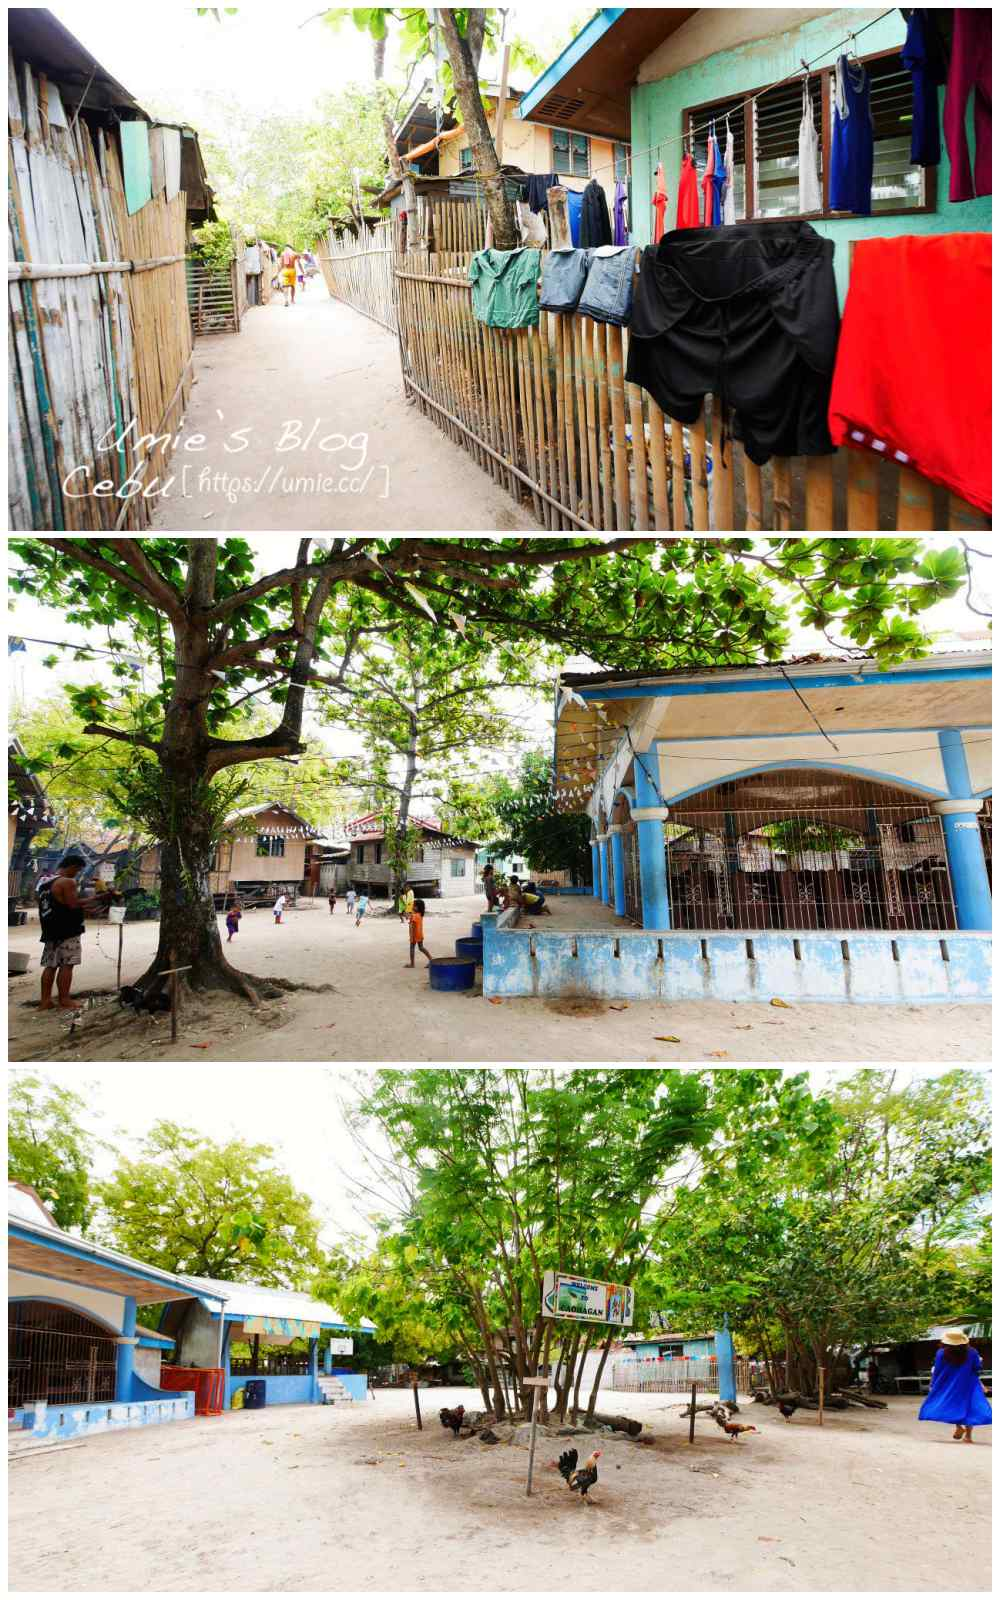 菲律賓宿霧DAY3|美麗的資生堂島Caohagan離島浮潛遊,超新鮮螃蟹海鮮大餐&皇冠麗晶酒店絕美宿霧夜景 :)